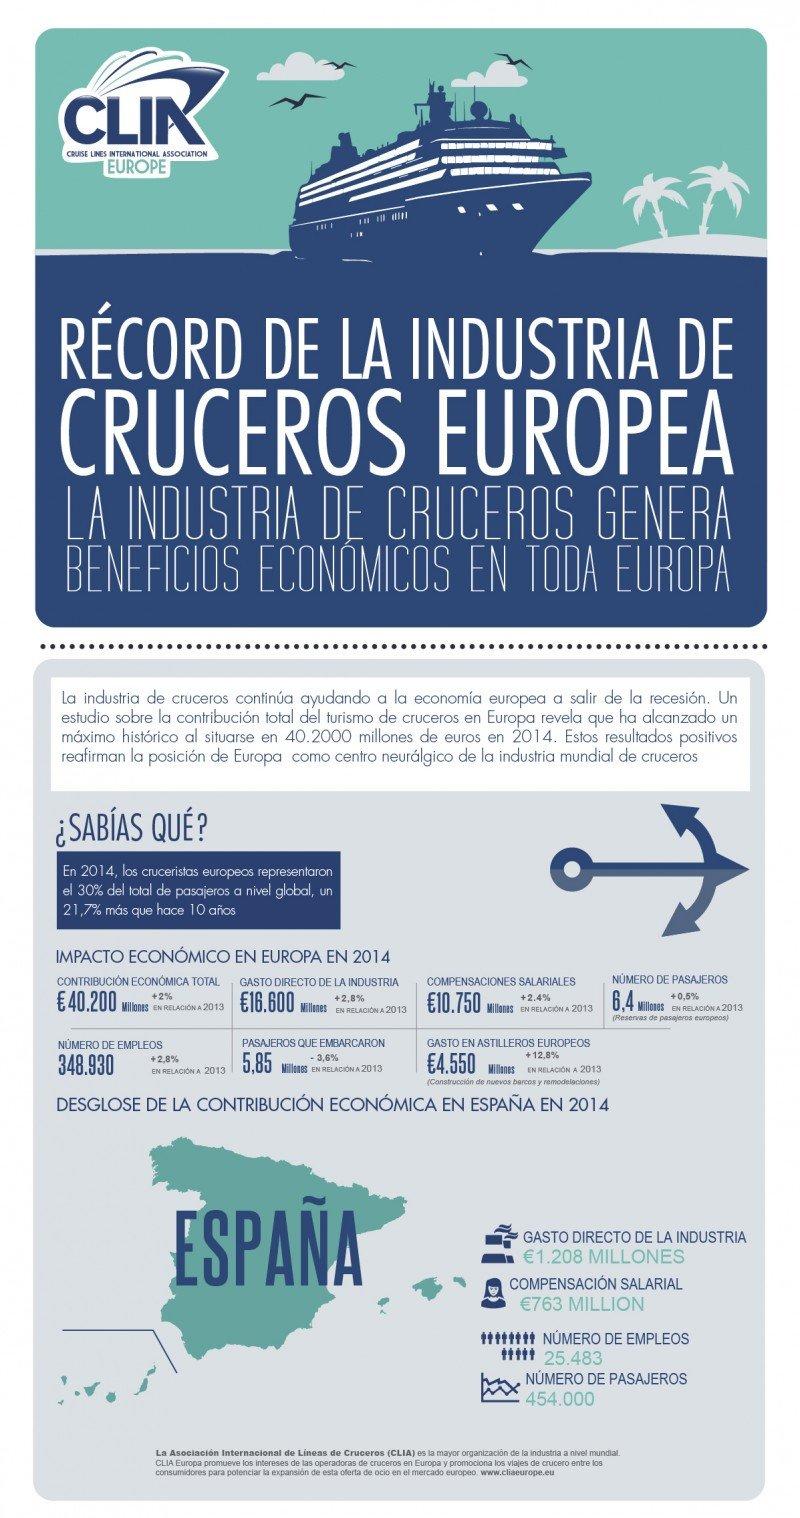 La industria de cruceros generó 40.200 M € en Europa en 2014, un 2,2% más